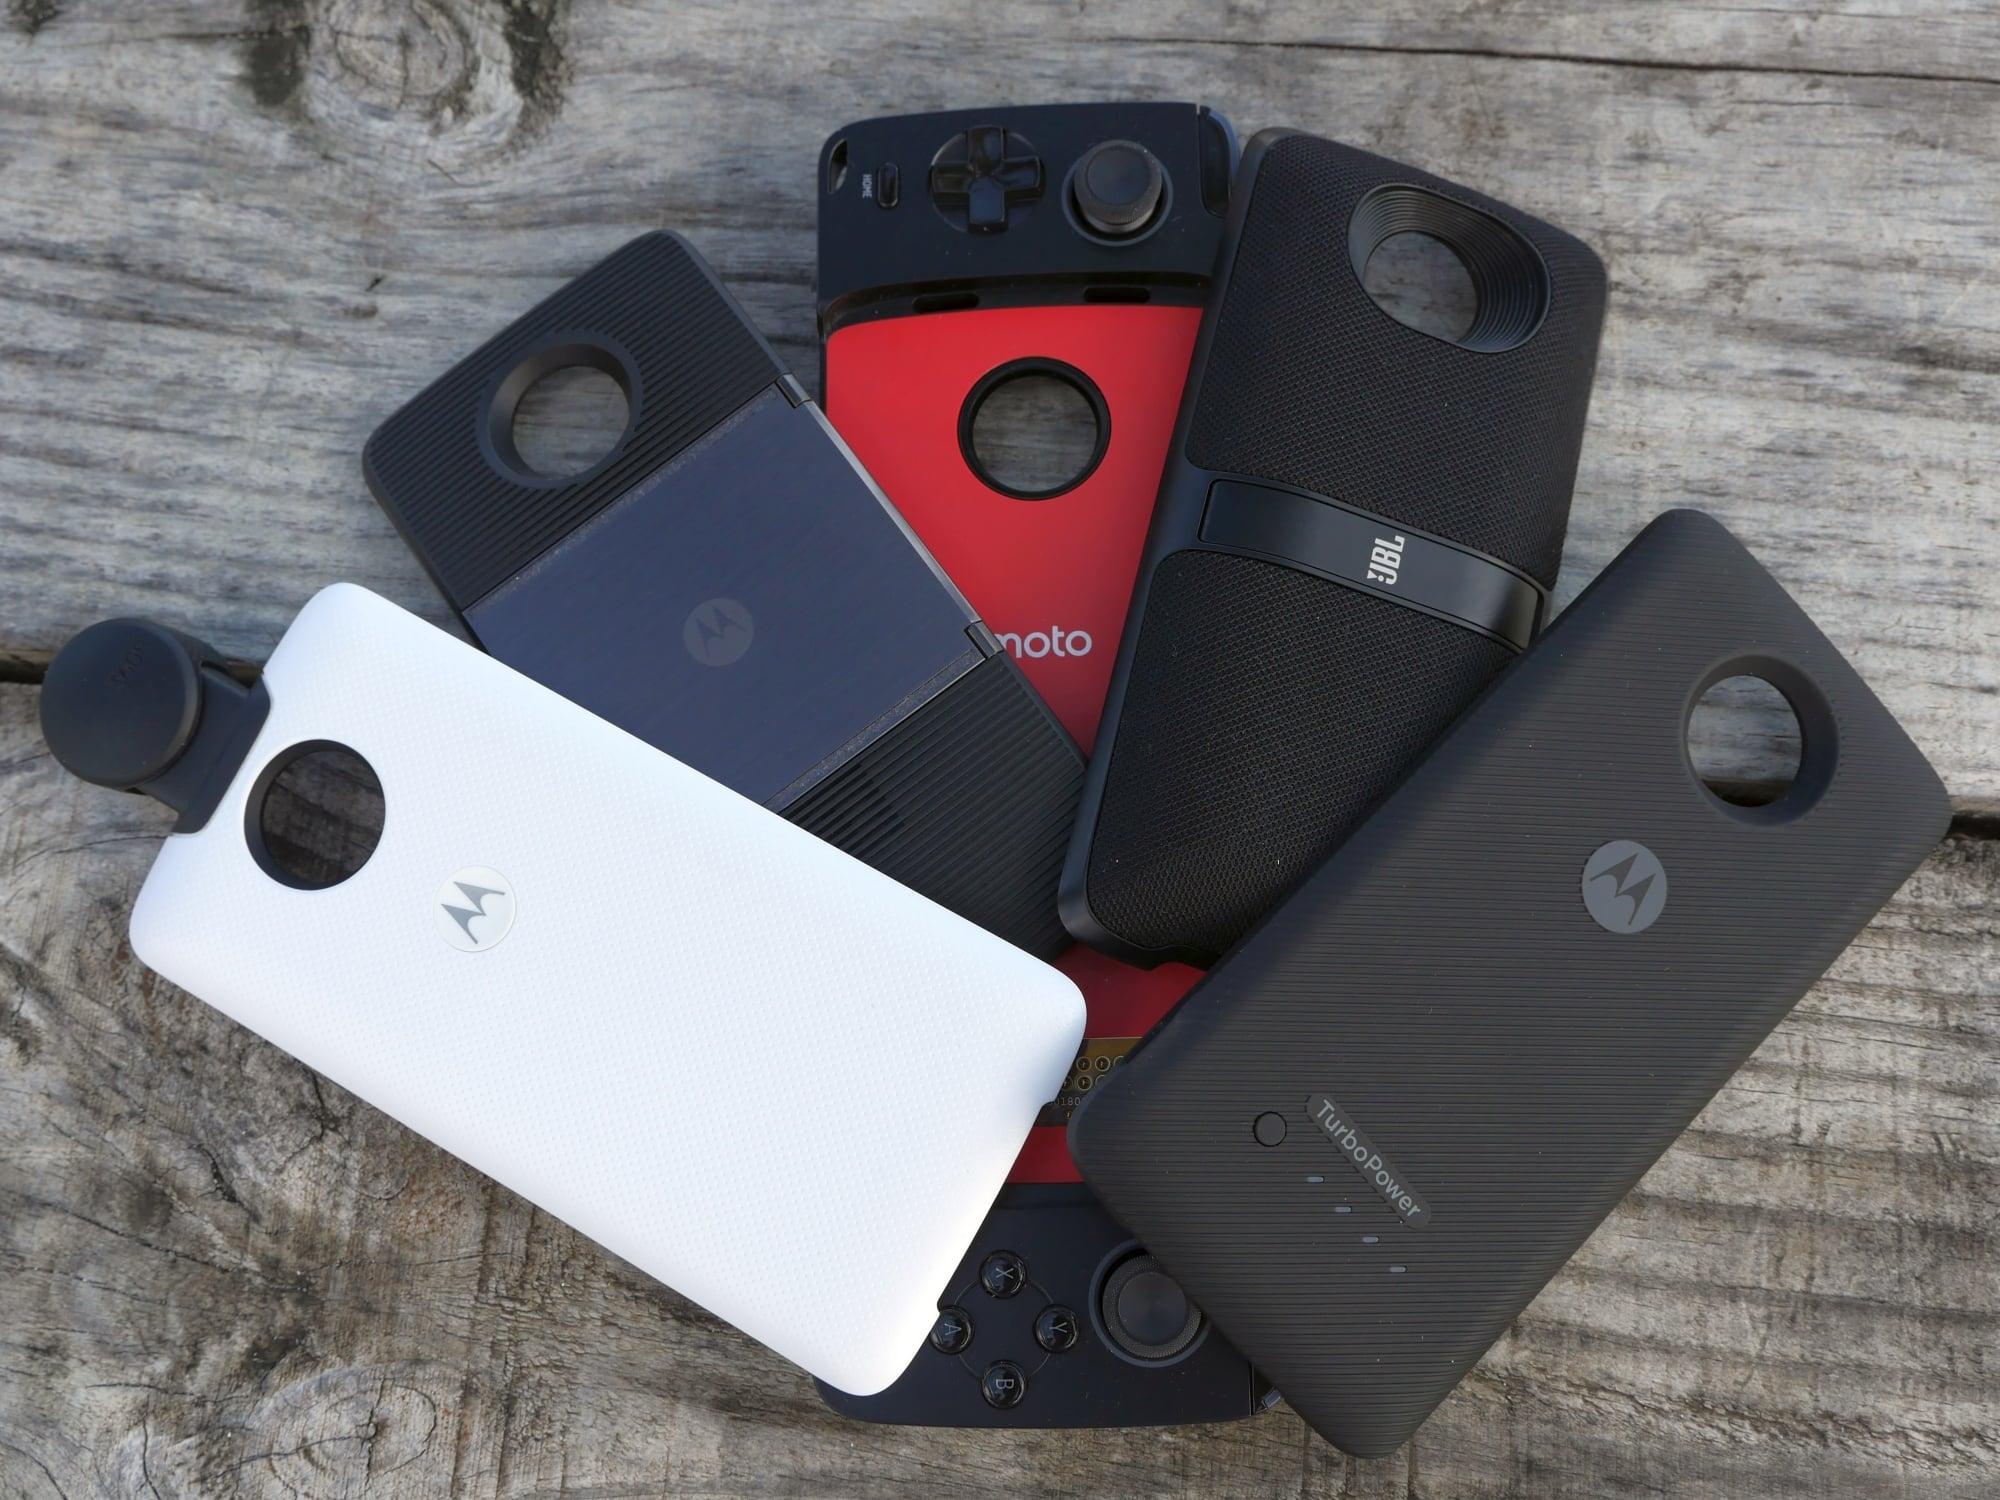 Przemyślenia po CESie, czyli jaki powinien być smartfon idealny? 6